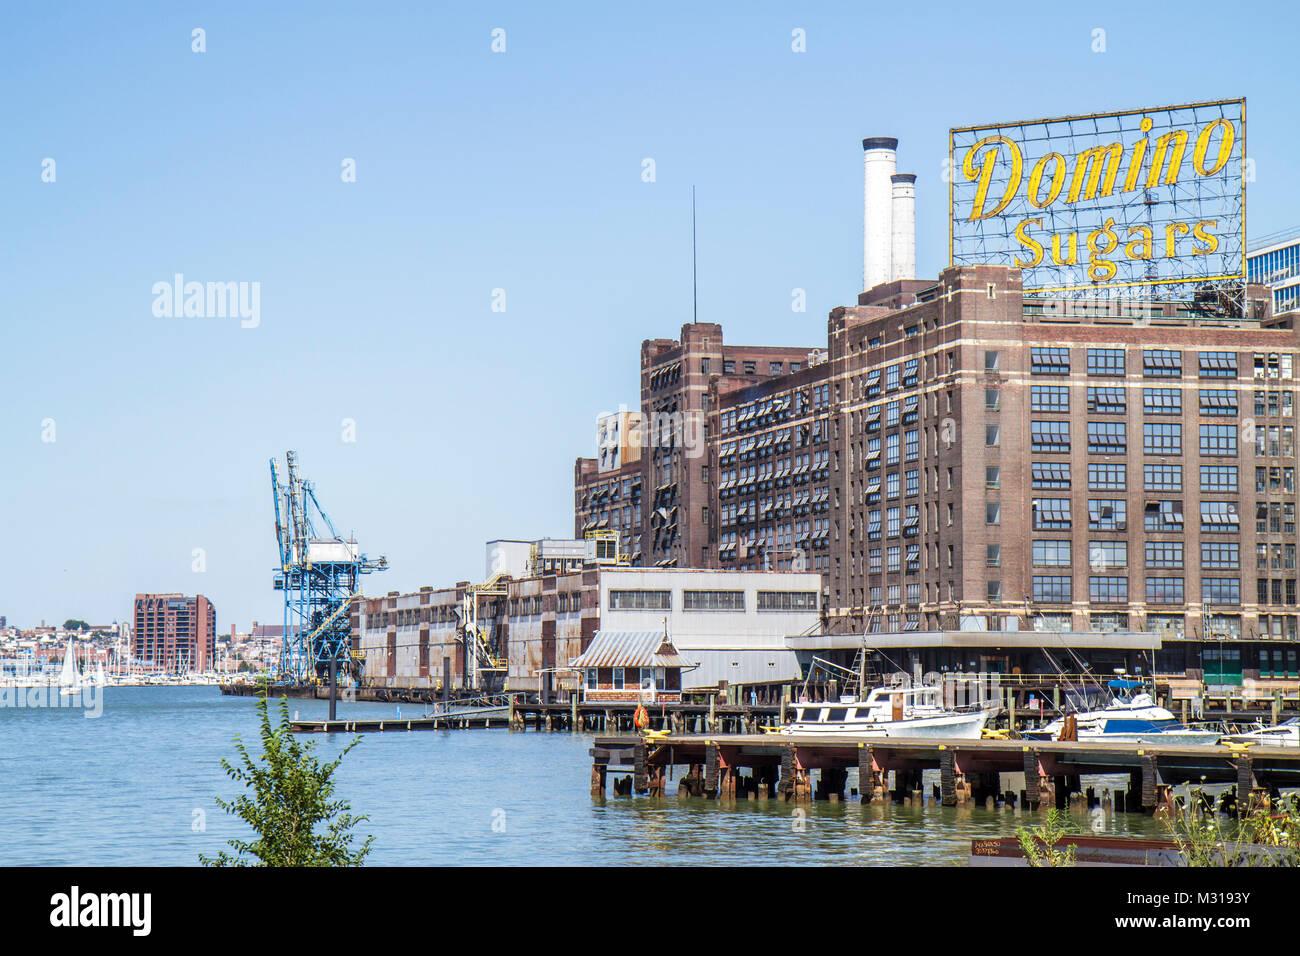 Baltimore, Maryland Patapsco porto fluviale waterfront Domino lo zucchero di canna da zucchero impianto di raffinazione Immagini Stock